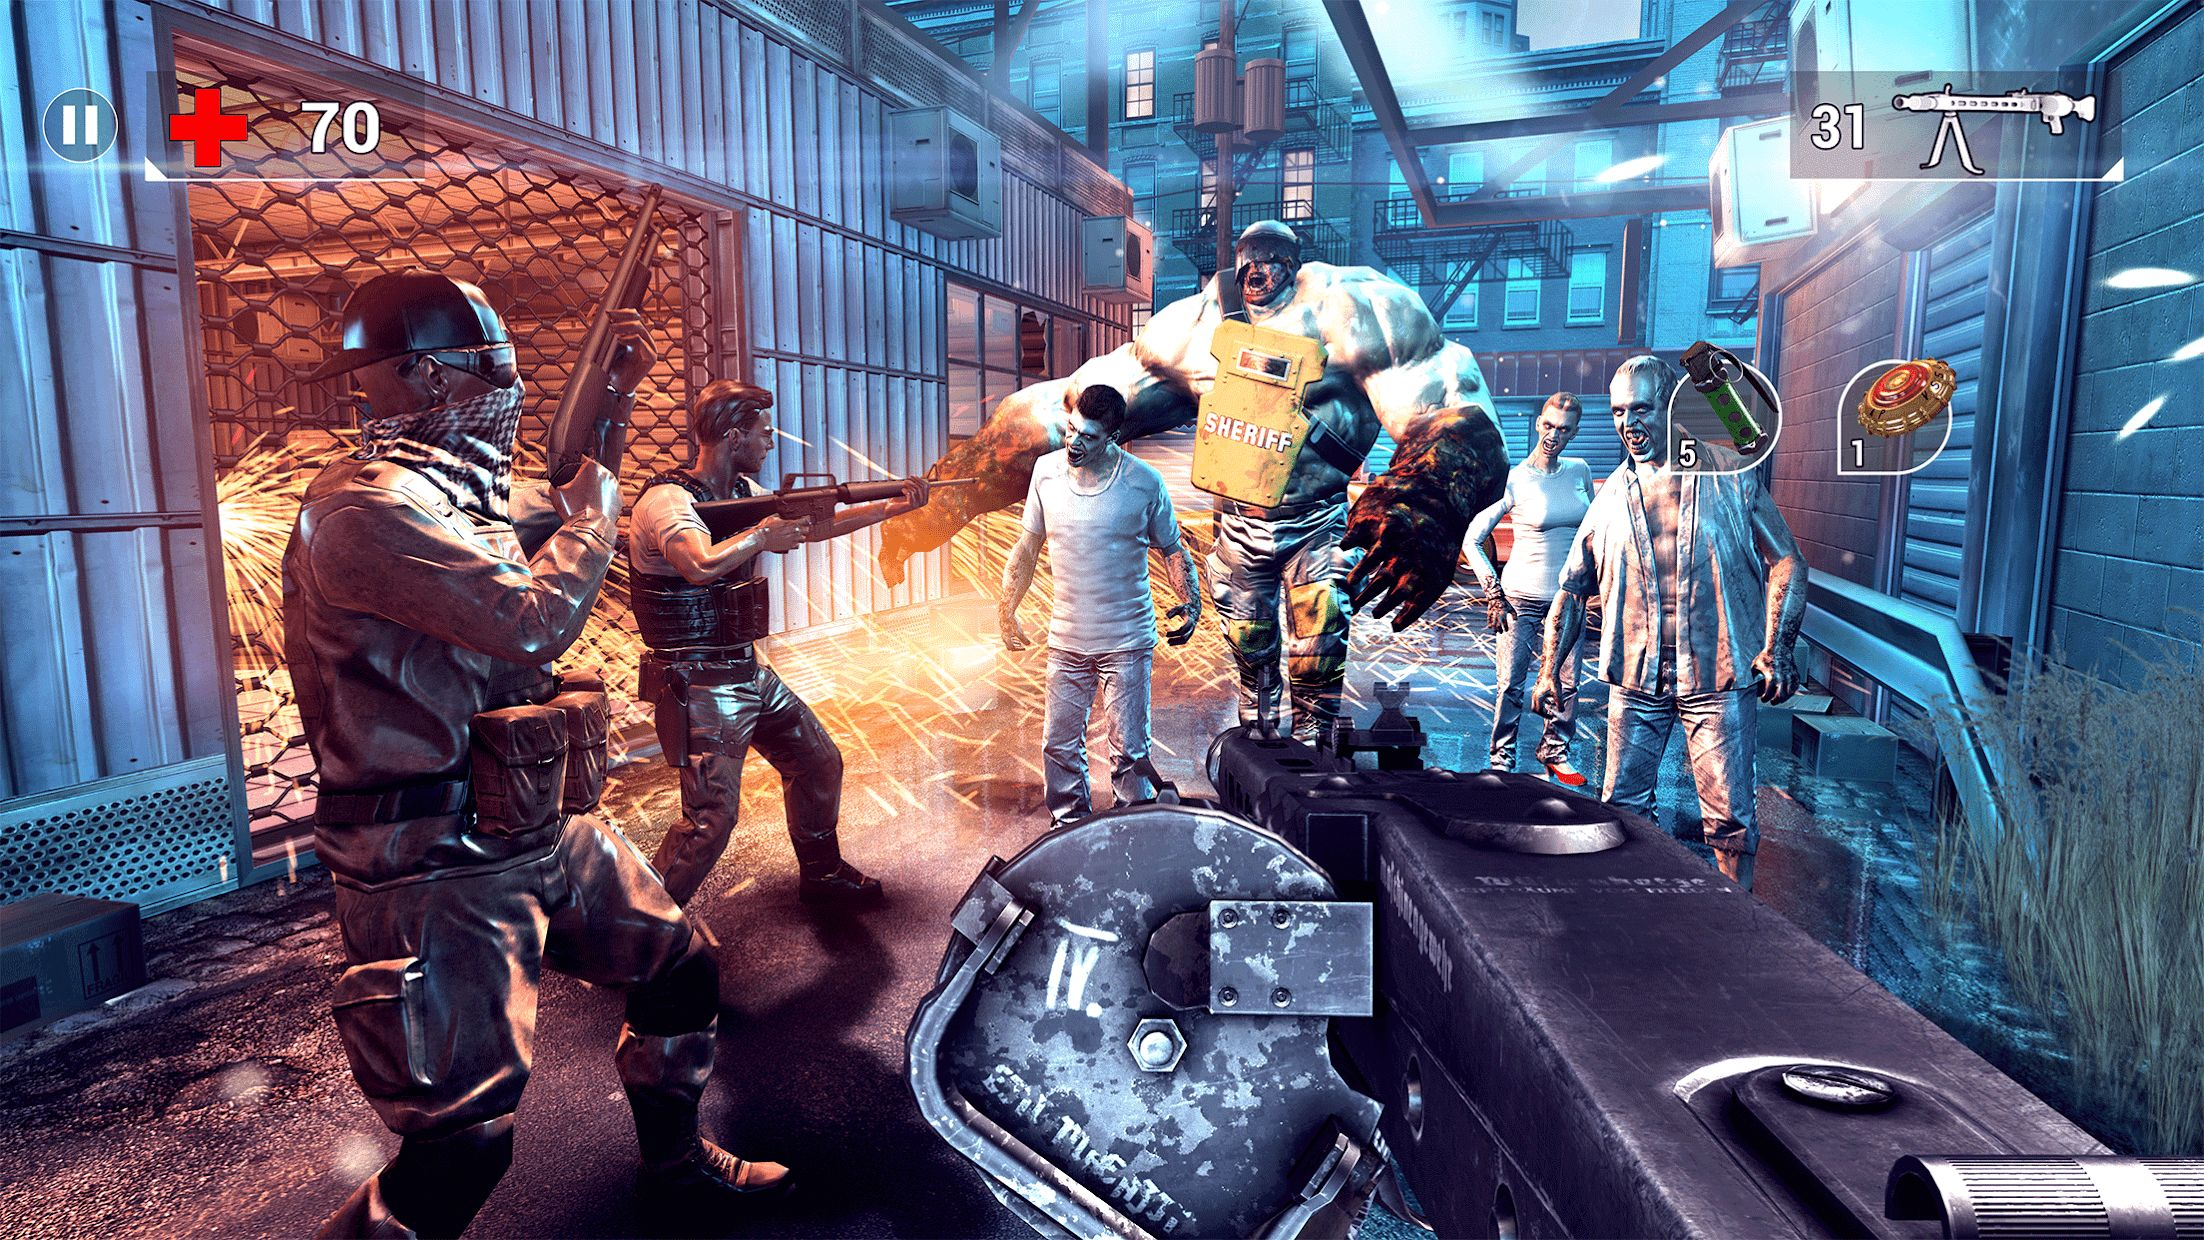 全境危机:都市生存射击游戏 游戏截图2